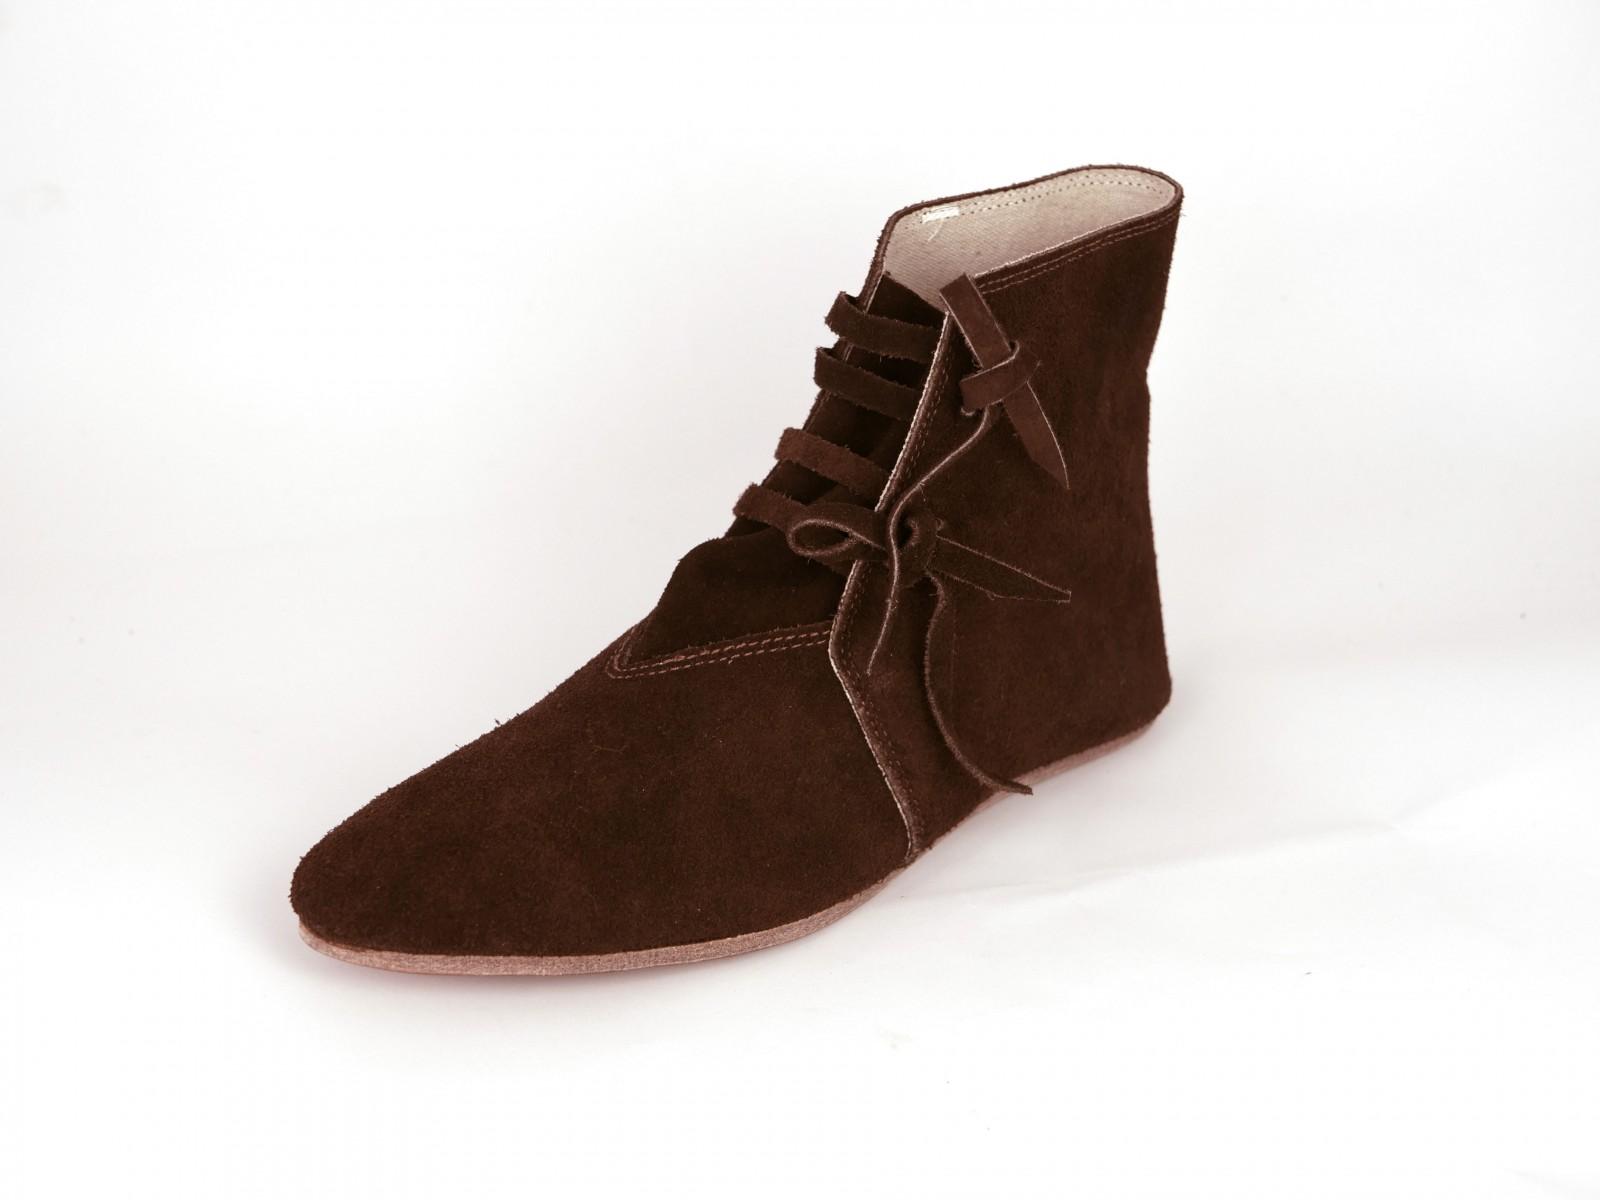 Karl - Schuhe